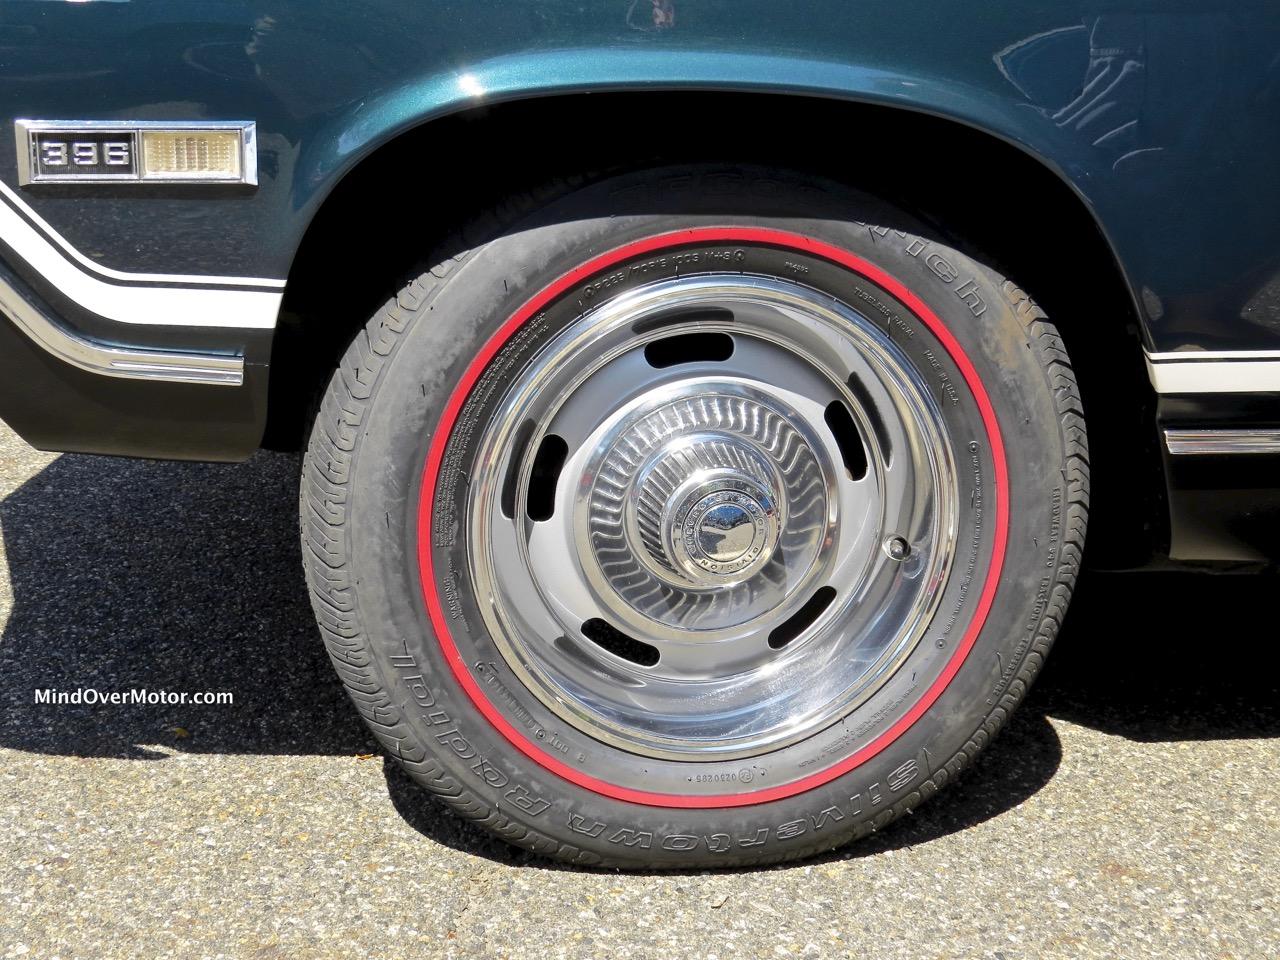 1968 Chevrolet Chevelle SS396 Wheel